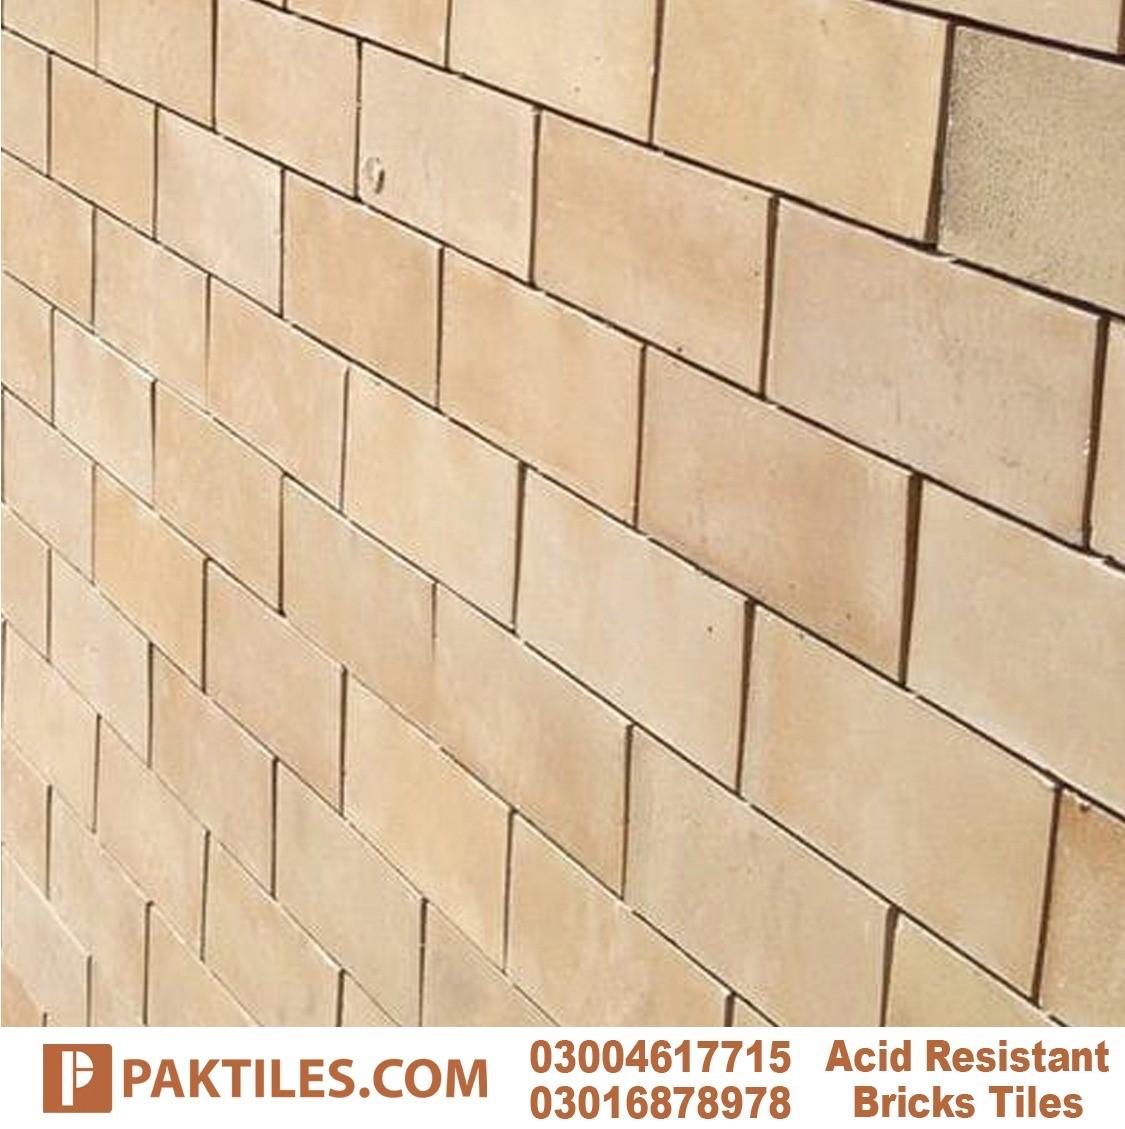 Acid Resistant Tiles Suppliers in Pakistan